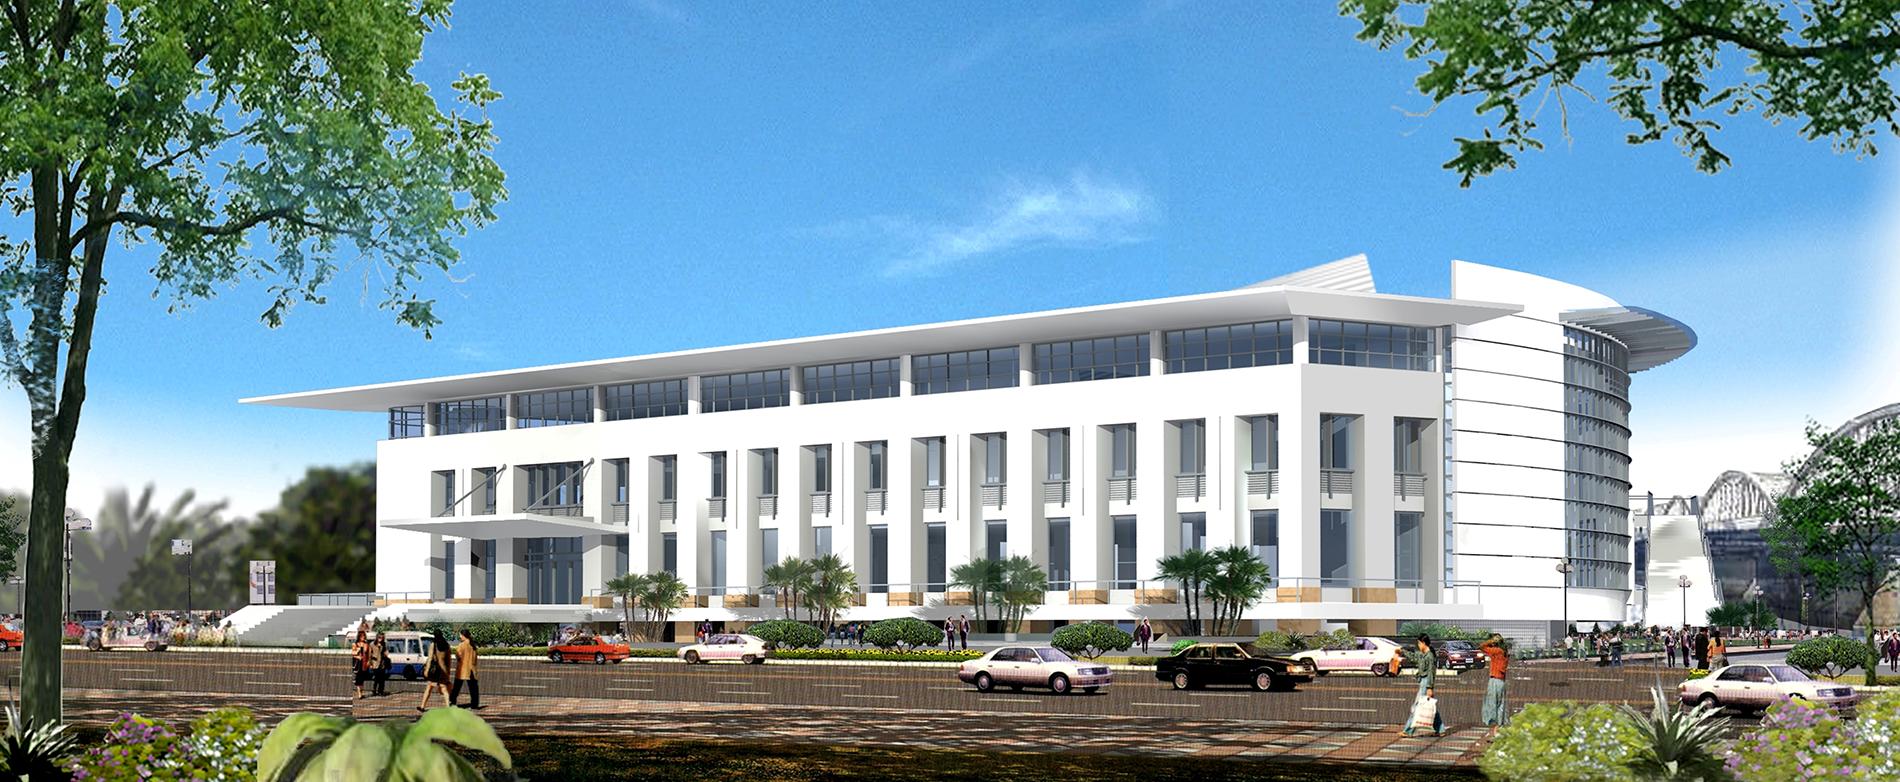 Trung tâm thương mại Trường Tiền